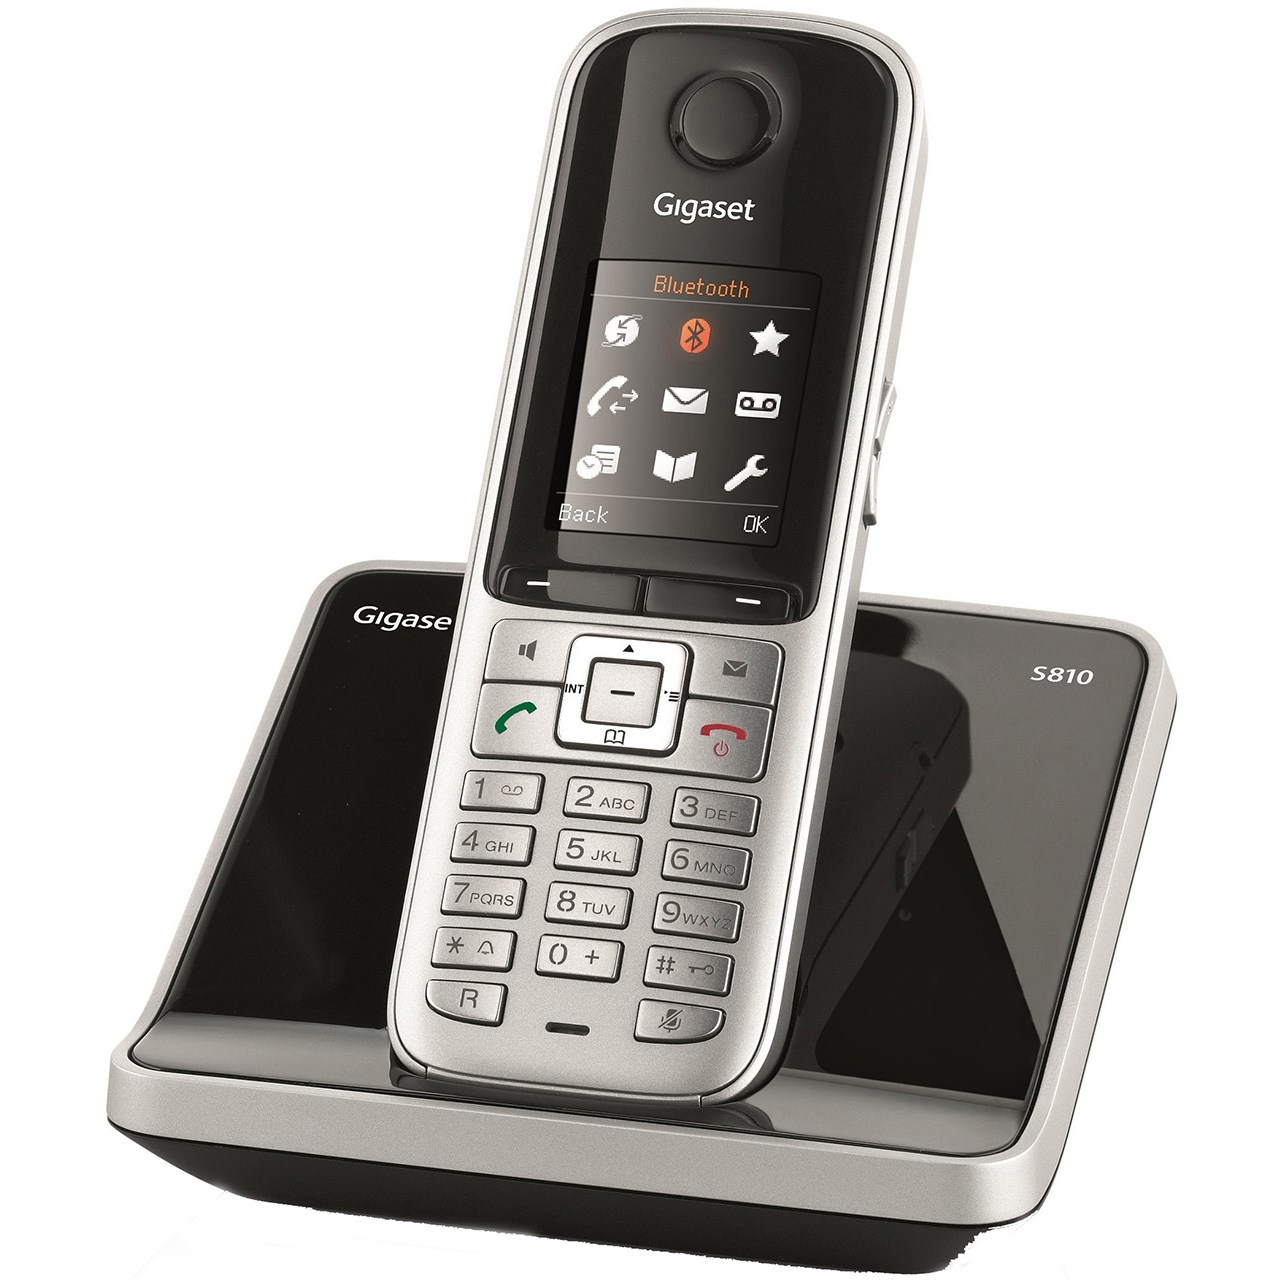 تلفن بی سیم گیگاست مدل  S810